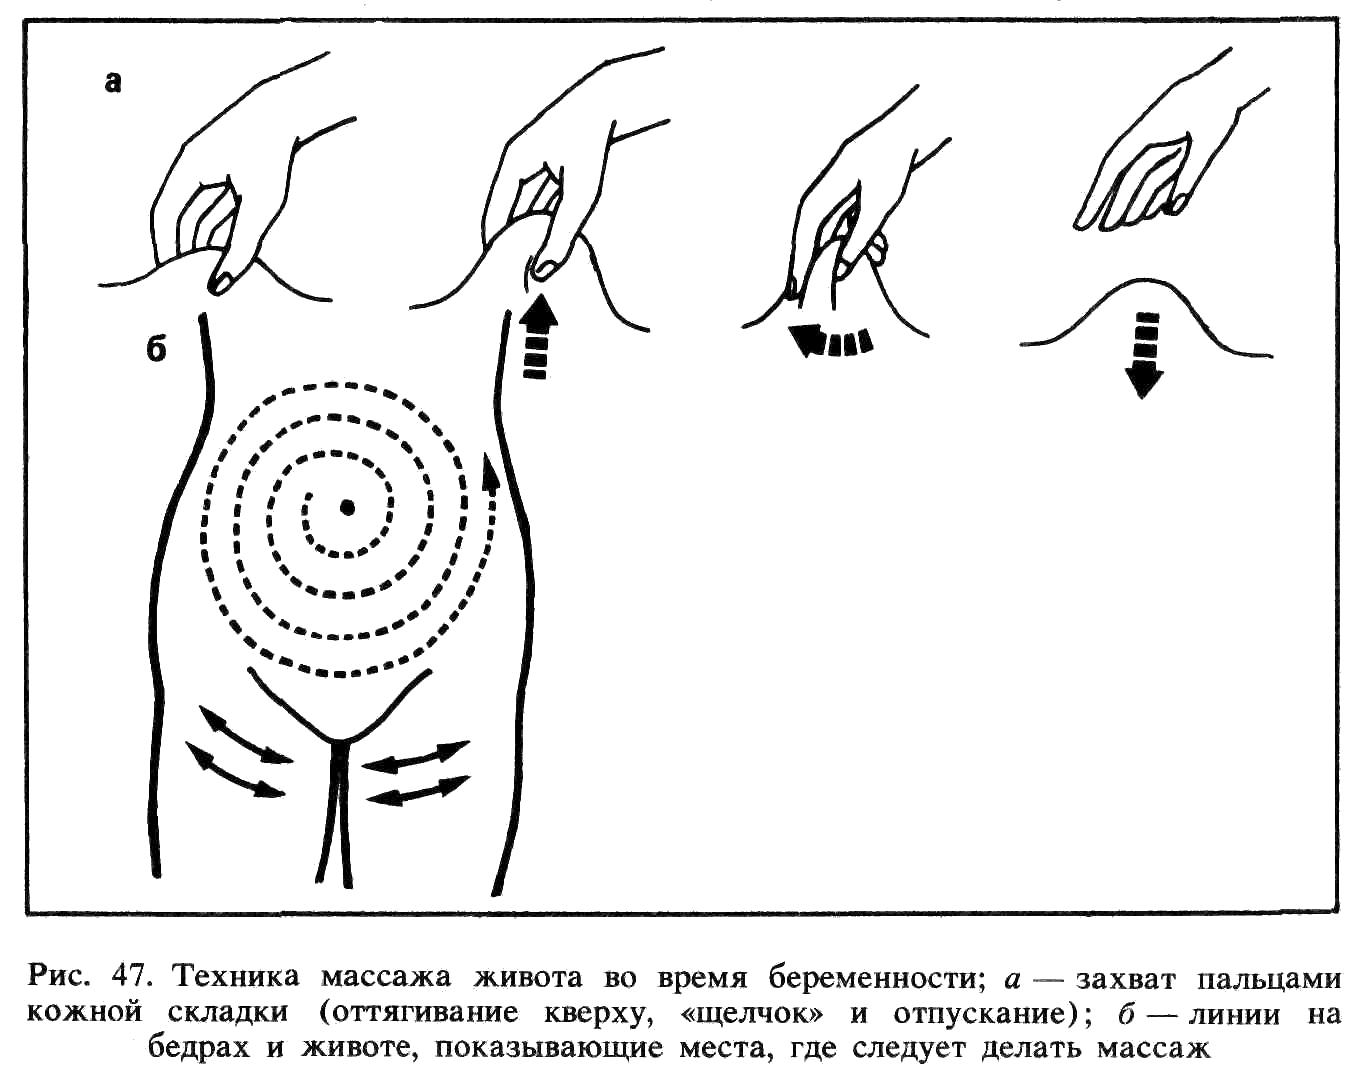 Сексуальный массаж половых органов мужчины 11 фотография